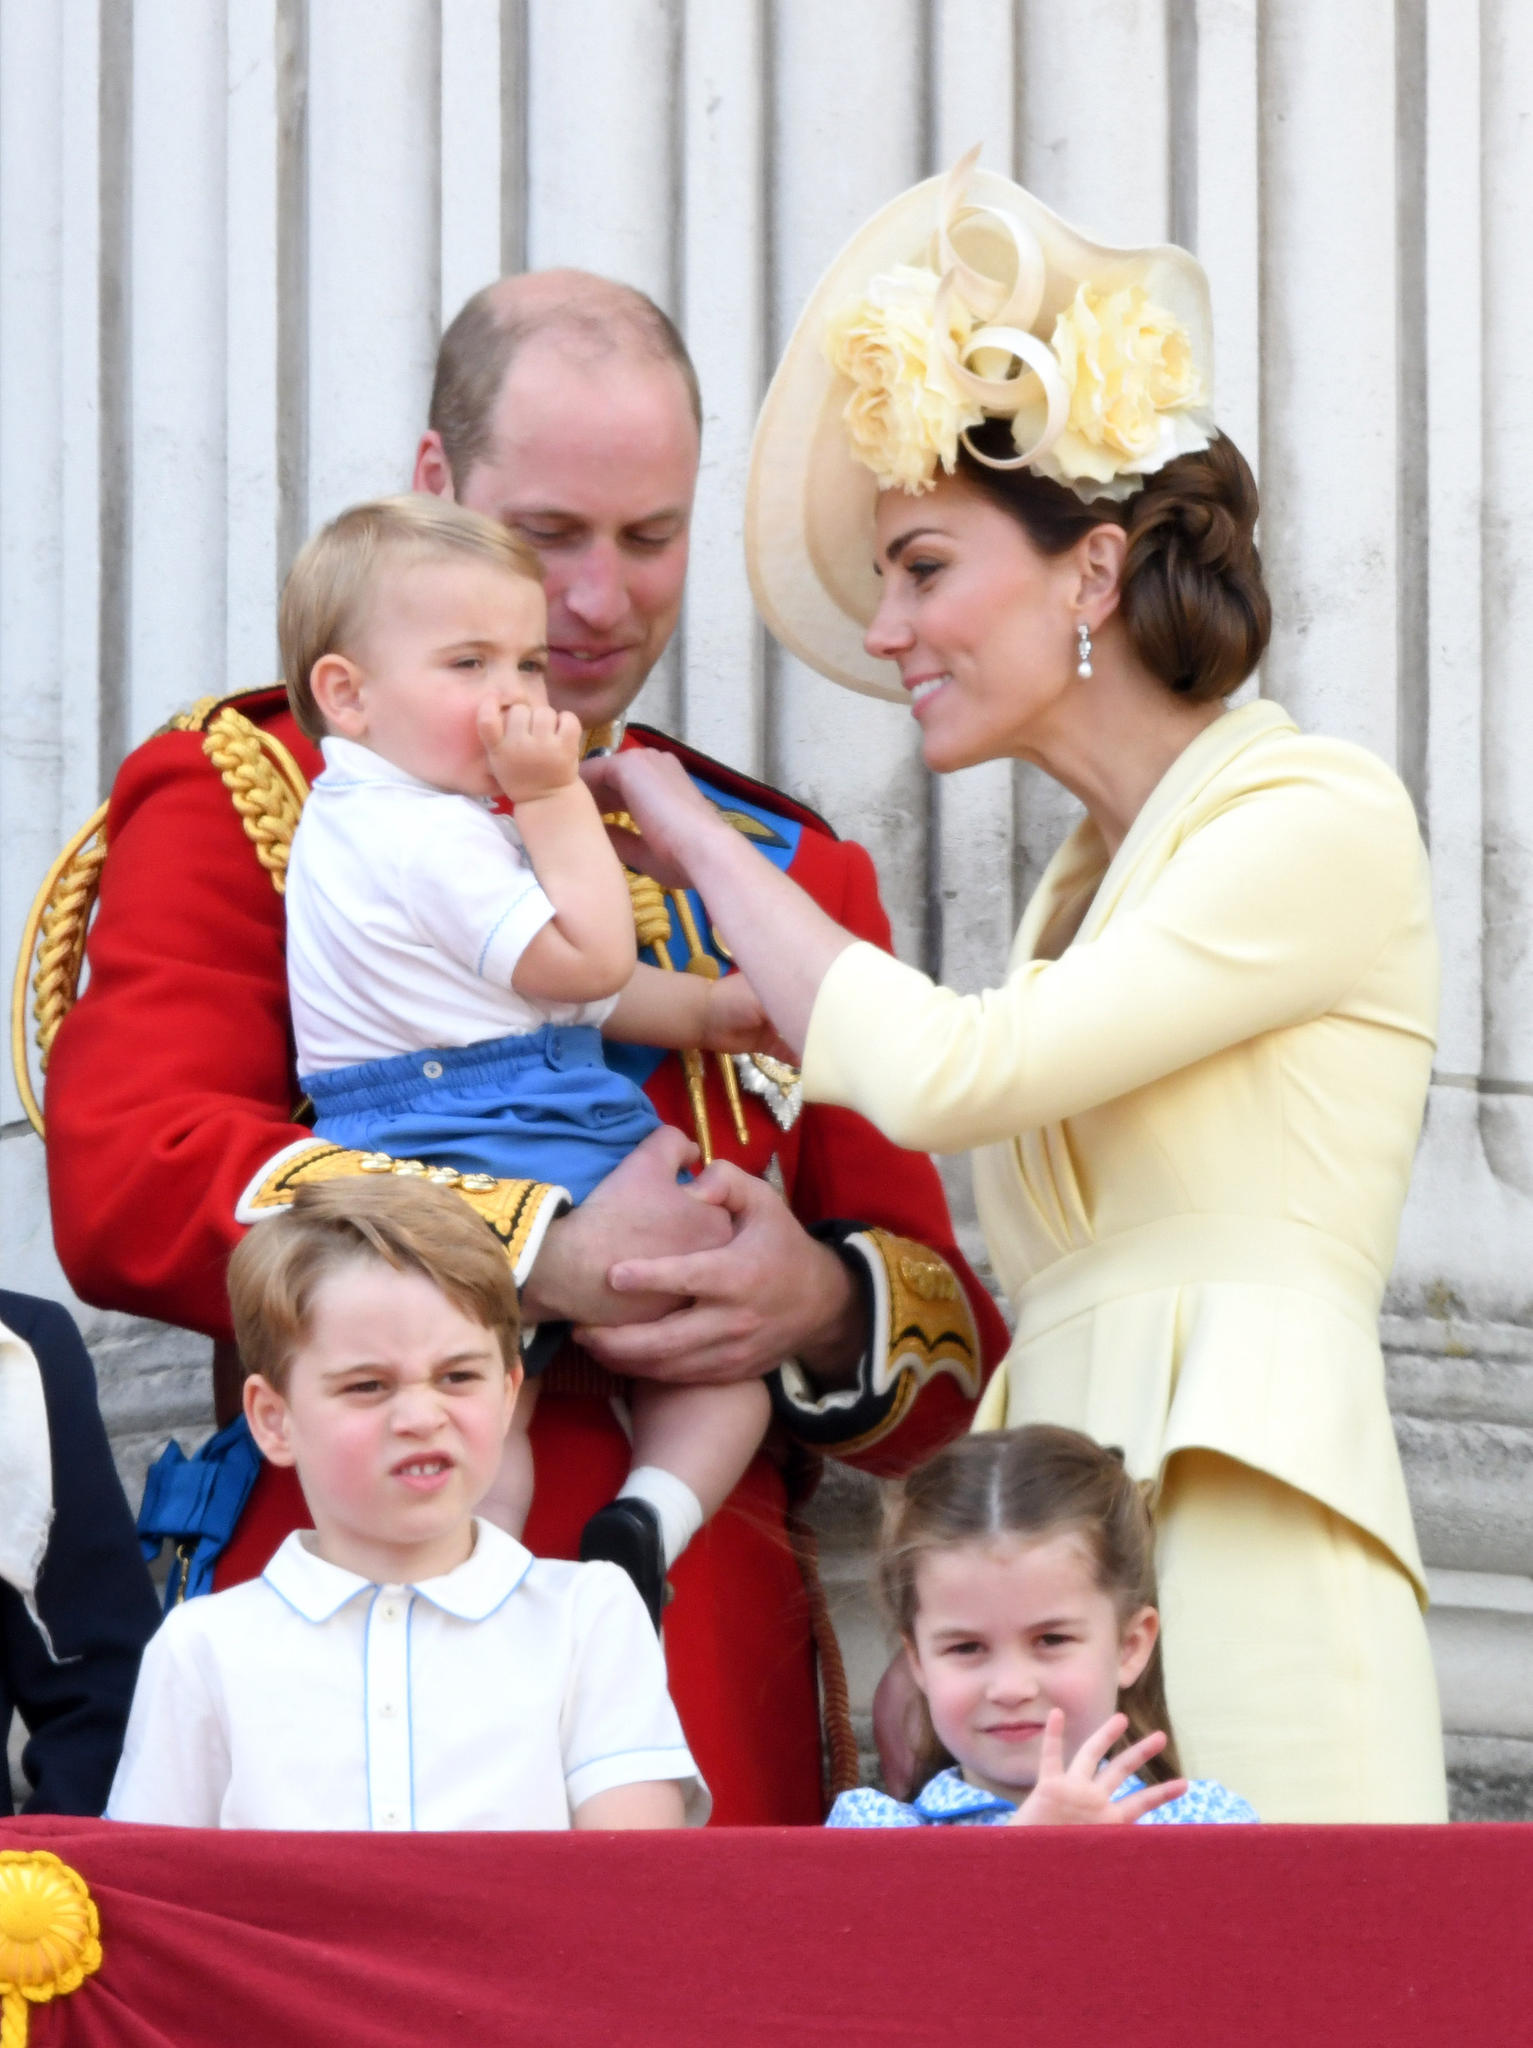 Prinz Louis, Prinz William, Herzogin Catherine, Prinz George, Prinzessin Charlotte